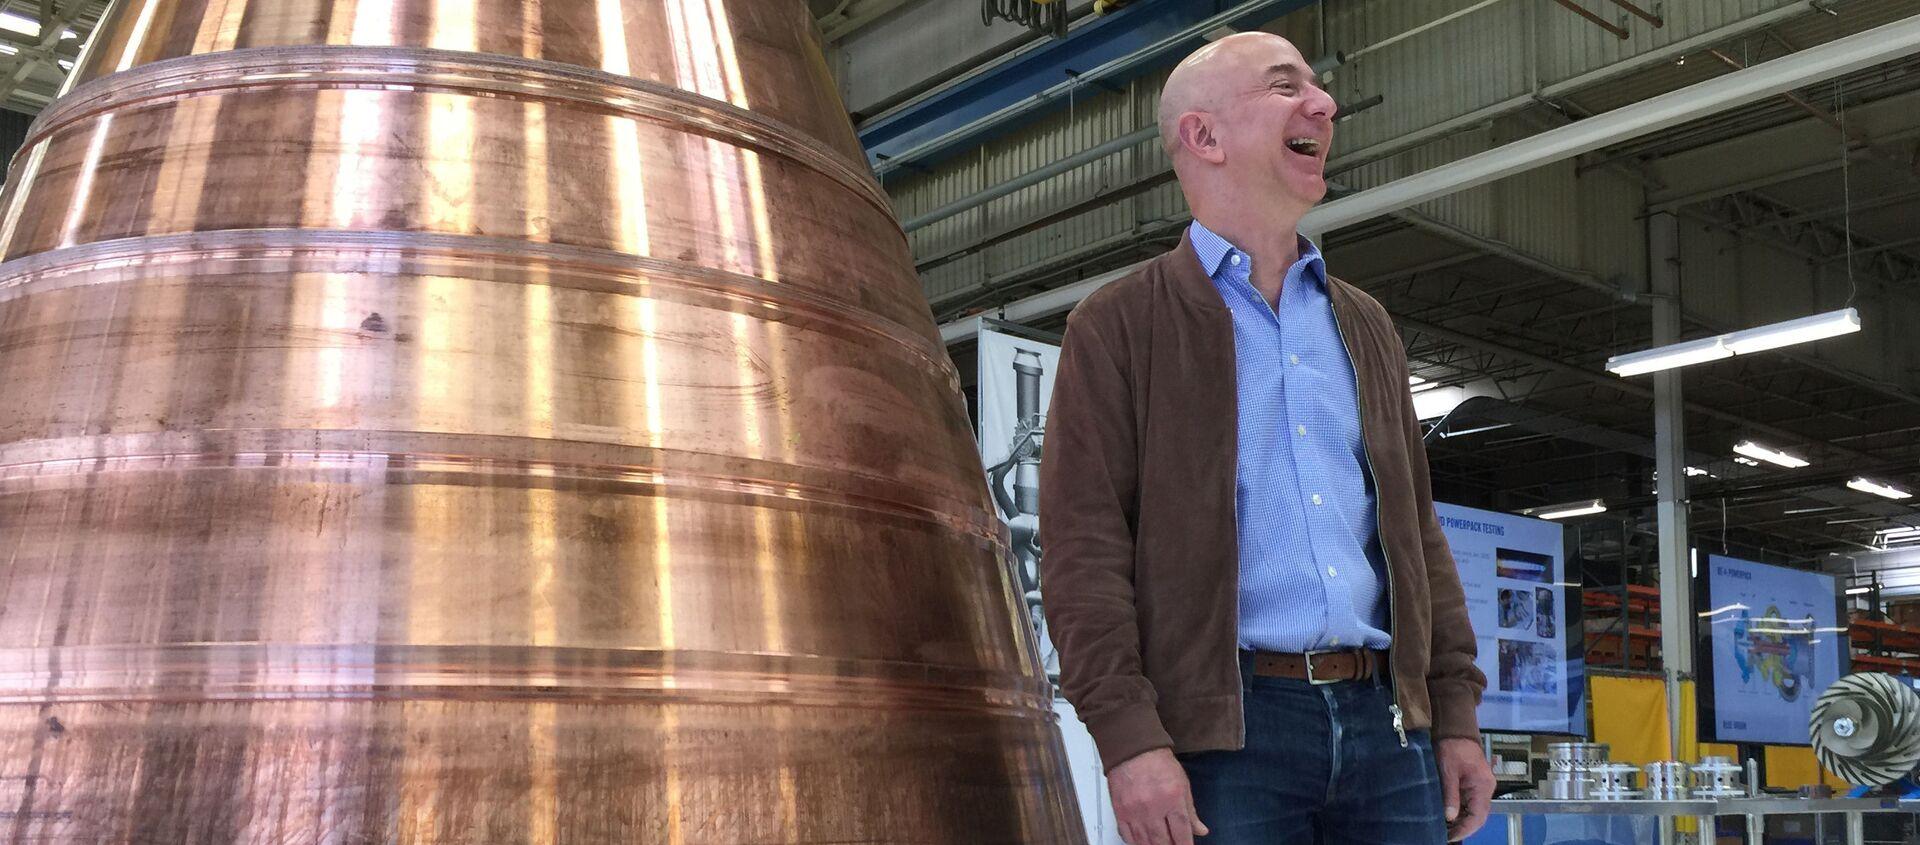 Глава и основатель интернет-компании Amazon.com Джефф Безос - Sputnik Արմենիա, 1920, 19.07.2021